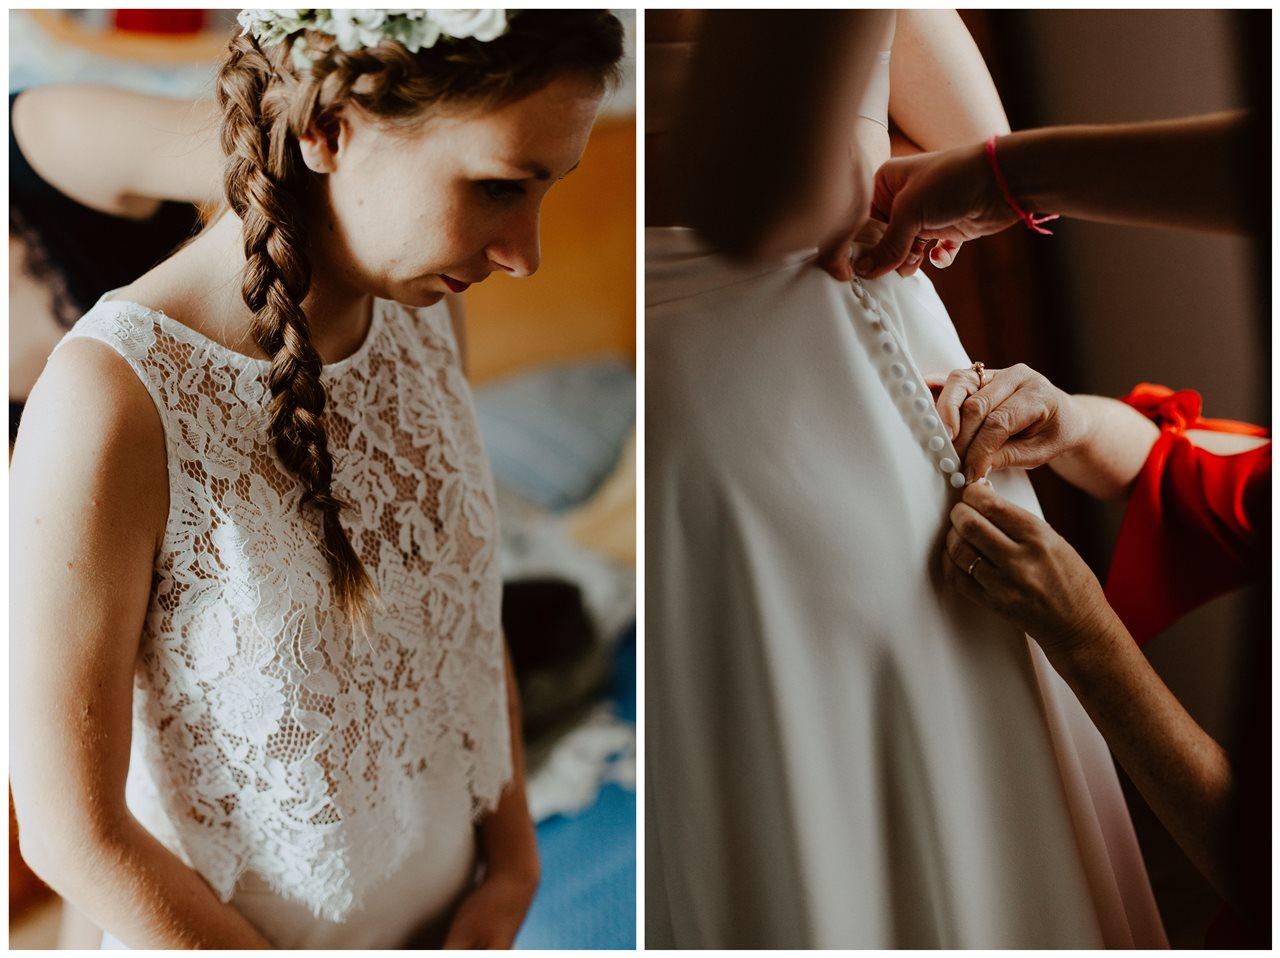 Photographie mariage préparation robe mariée détails